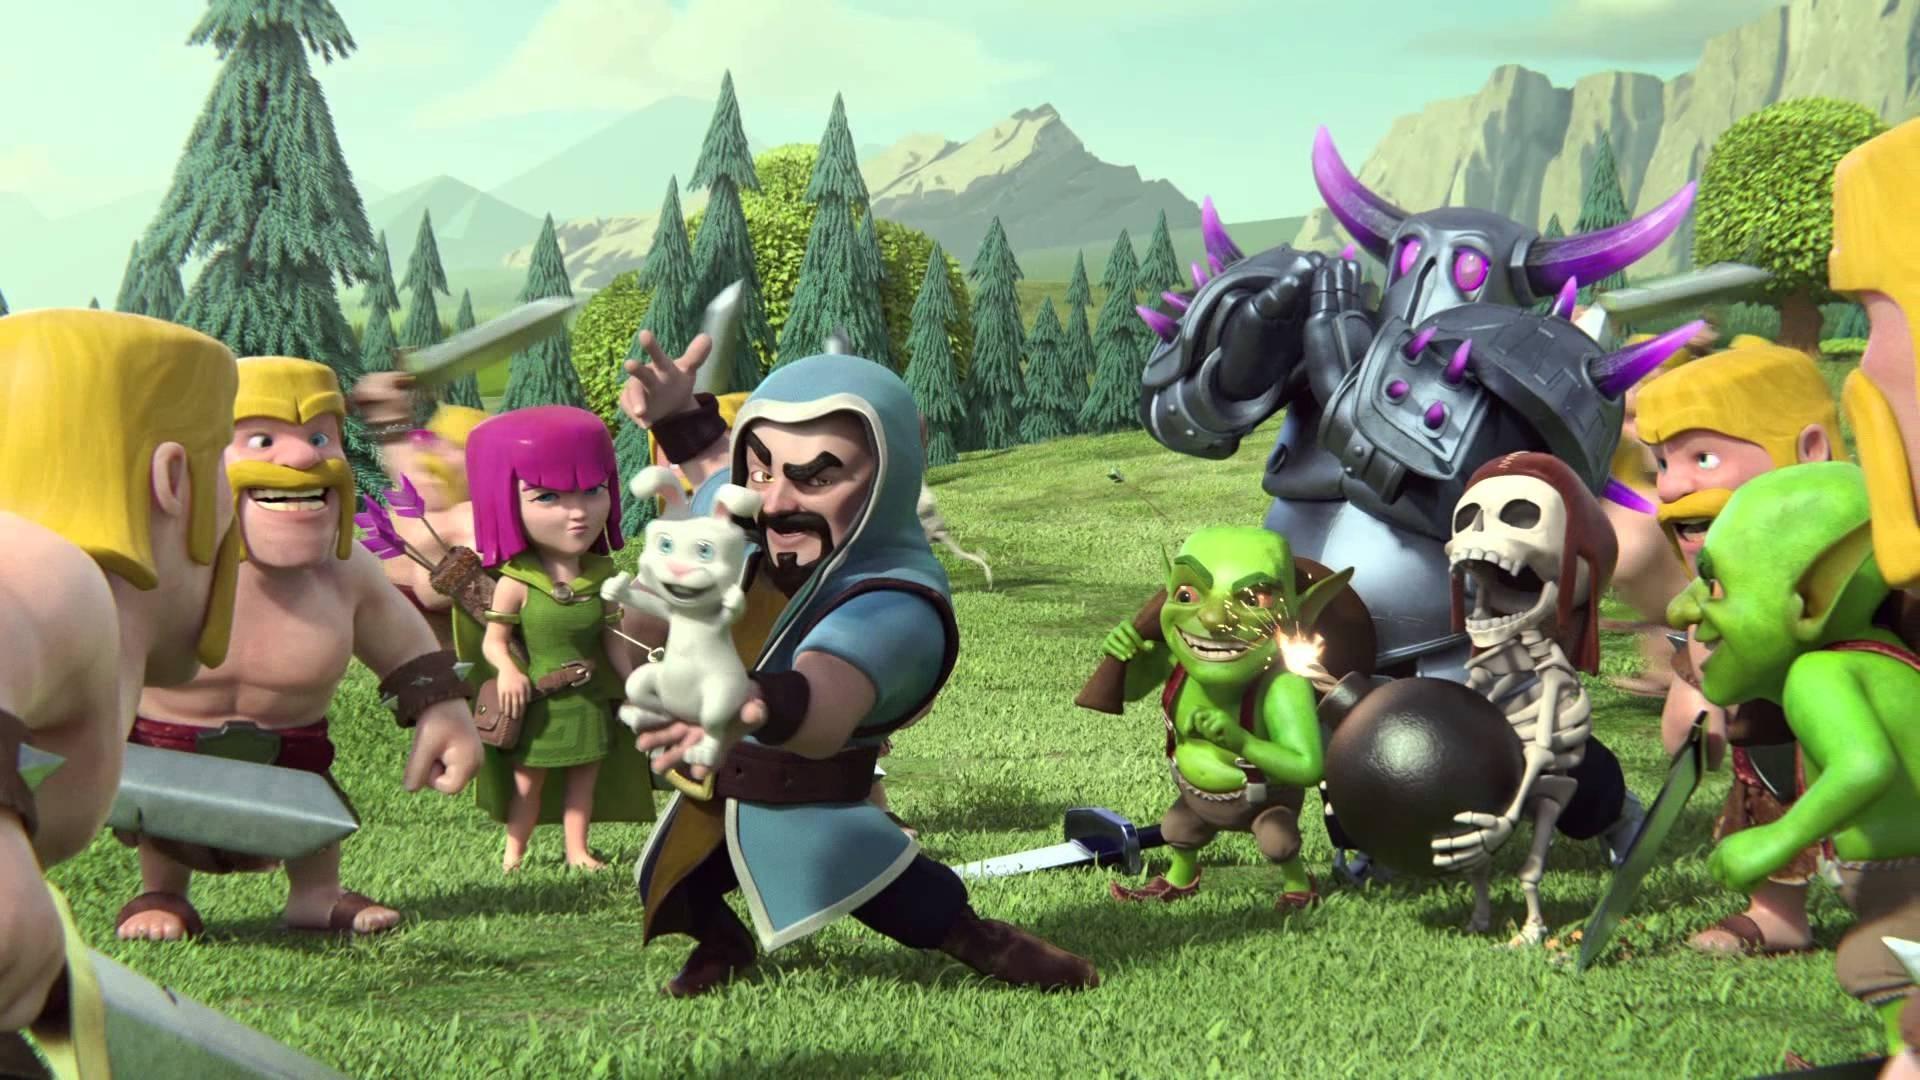 la génération z astuces clash of clans : comment gagner de l'or et